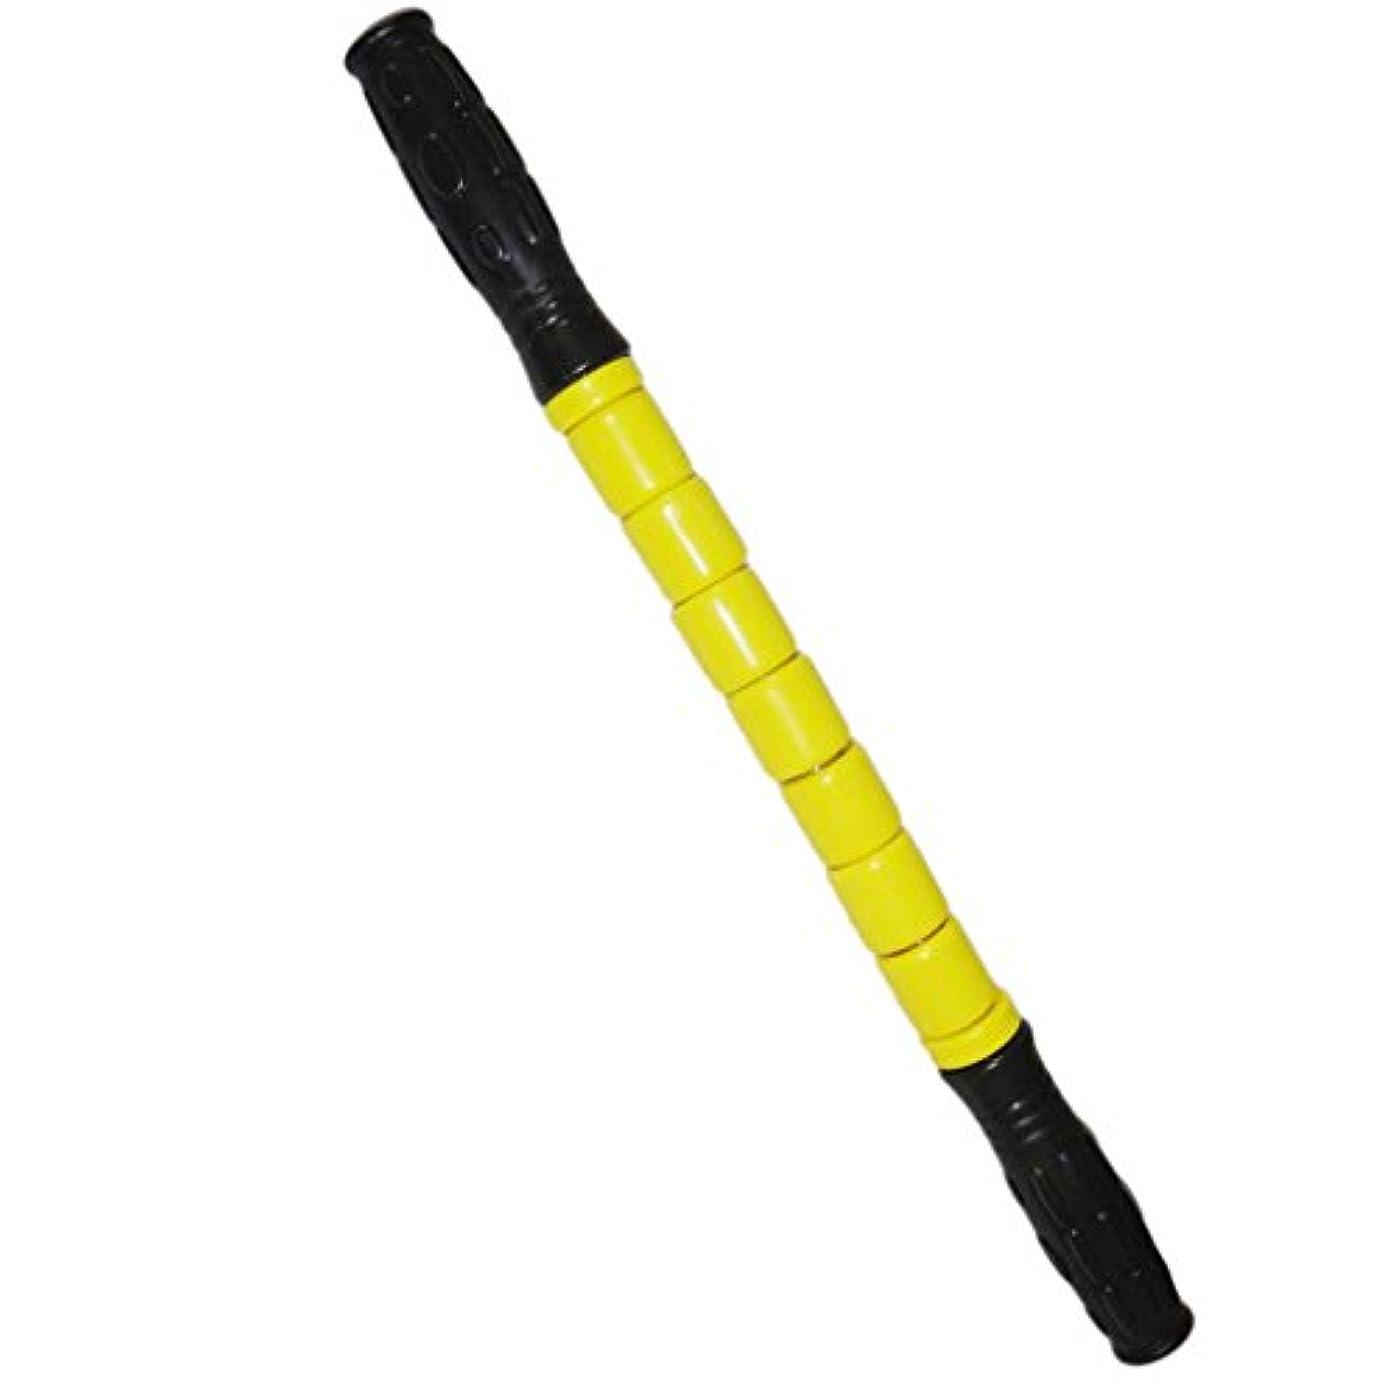 落花生田舎者突進Perfk マッサージ スティック 筋 筋膜 リリース ツール マッスル マッサージ 痛み 緩和 全3色 - 黄